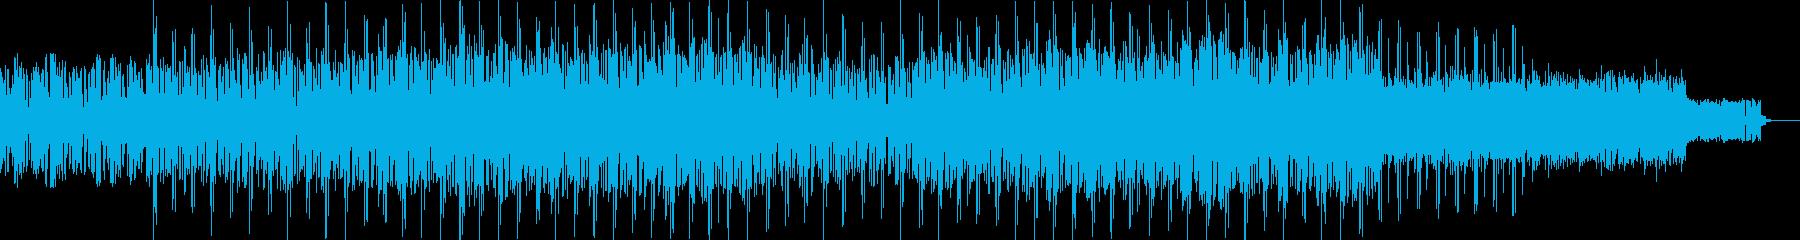 ニュース映像ナレーションバック向け-04の再生済みの波形